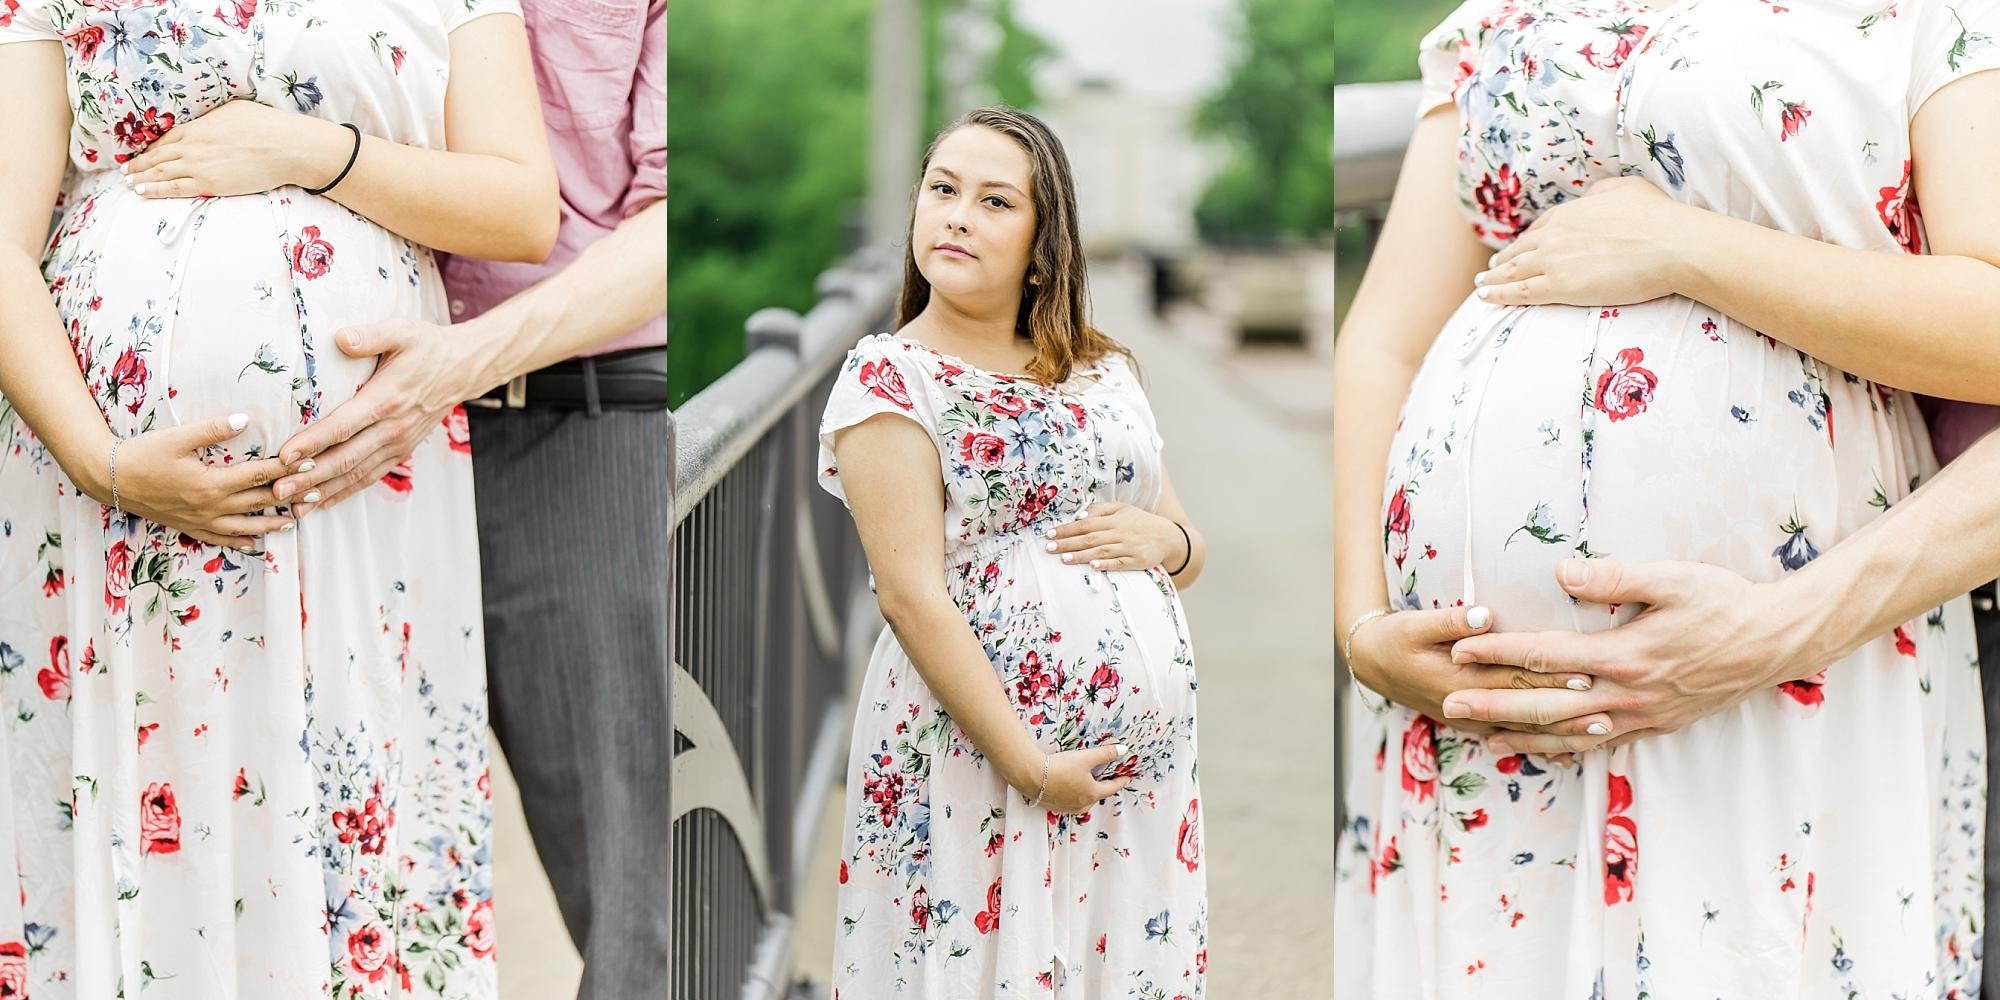 lafayette indiana rainy maternity session surprise engagement_0344.jpg